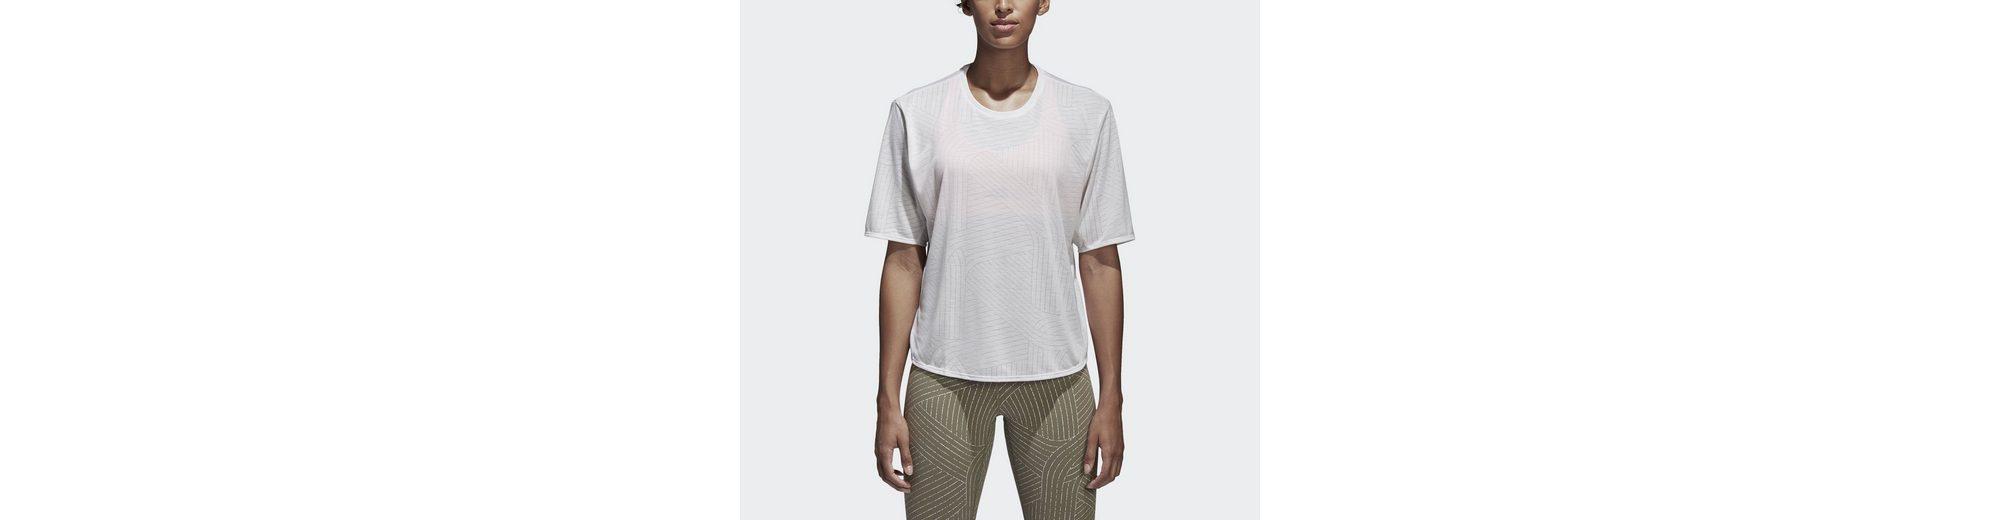 adidas Performance Sporttop FreeLift Climalite Aeroknit T-Shirt Online-Suche Zu Verkaufen Billig Verkauf Bester Platz jQyg1Q